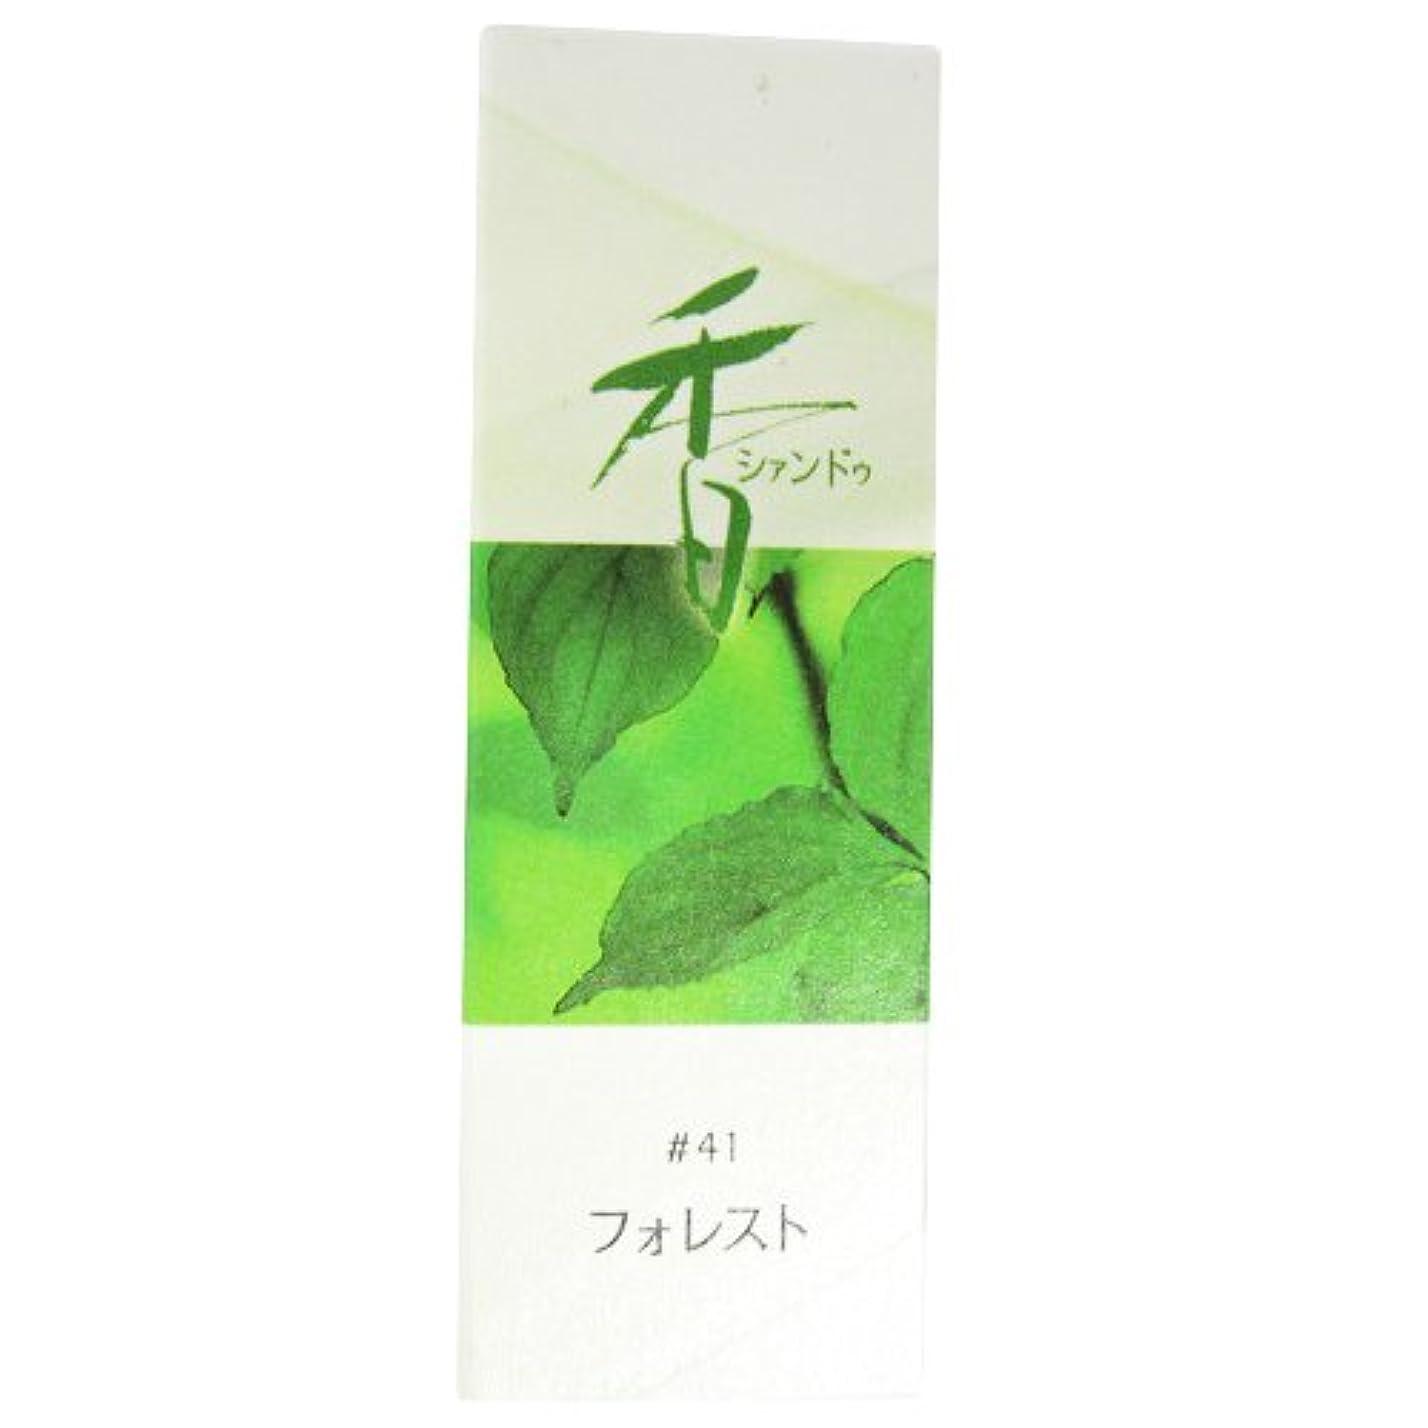 スコア役に立たないアーク松栄堂のお香 Xiang Do フォレスト ST20本入 簡易香立付 #214241